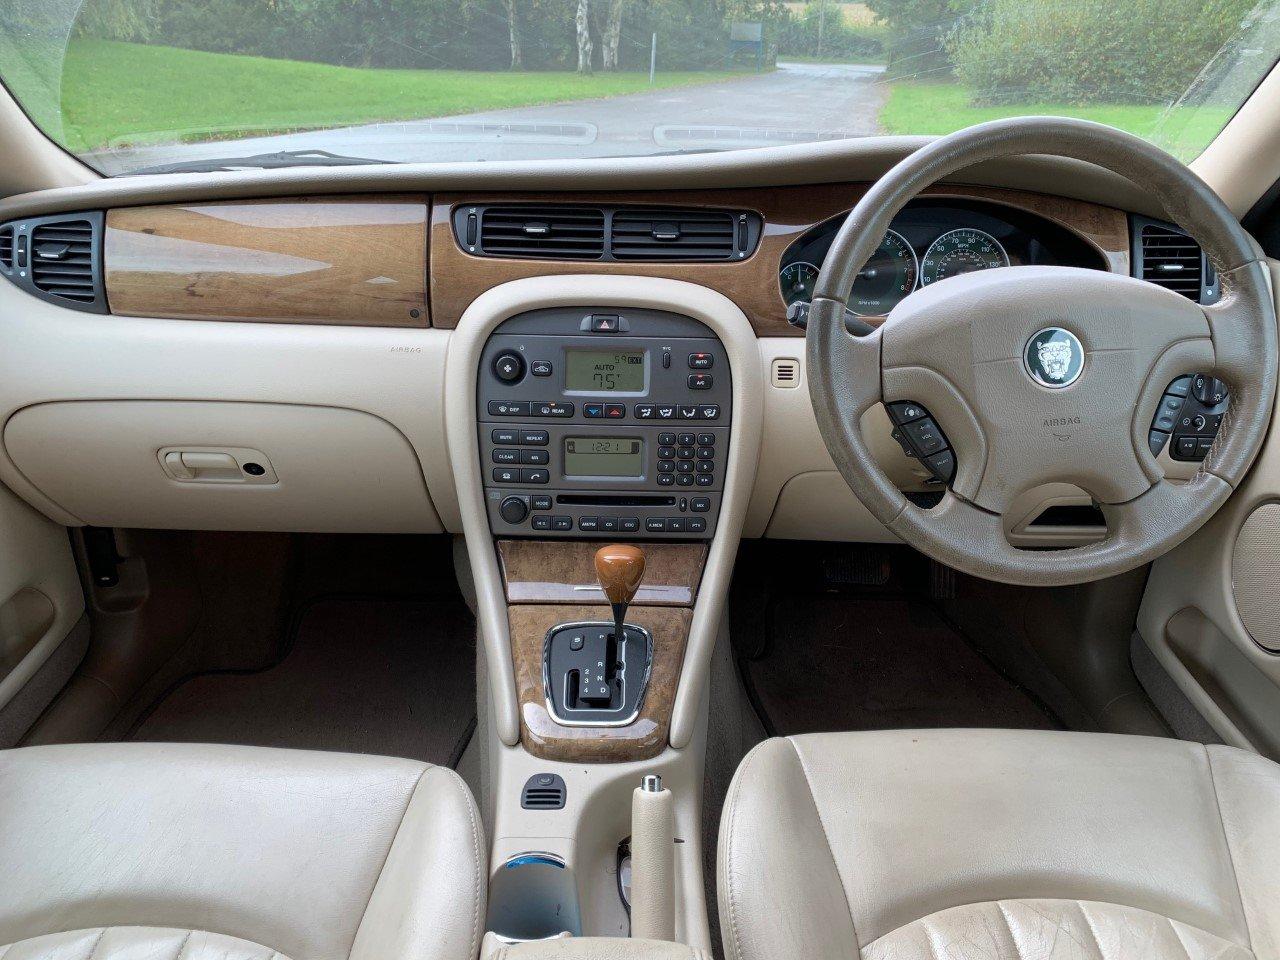 2003 Jaguar X-Type 2.5 V6 SE Auto For Sale (picture 5 of 6)